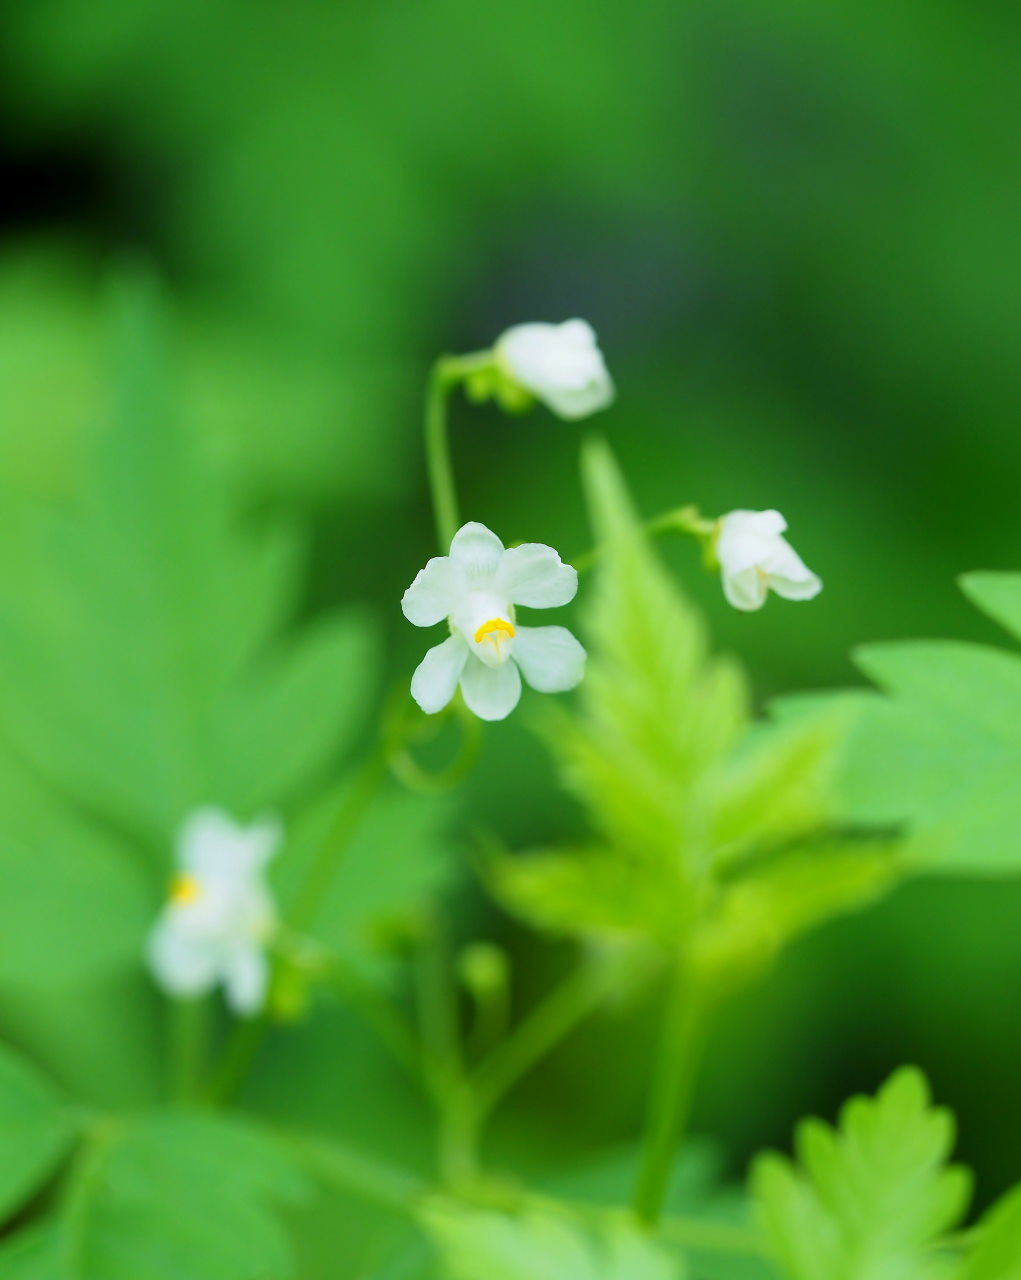 少林山境内で撮れた花や虫_c0305565_17420157.jpg